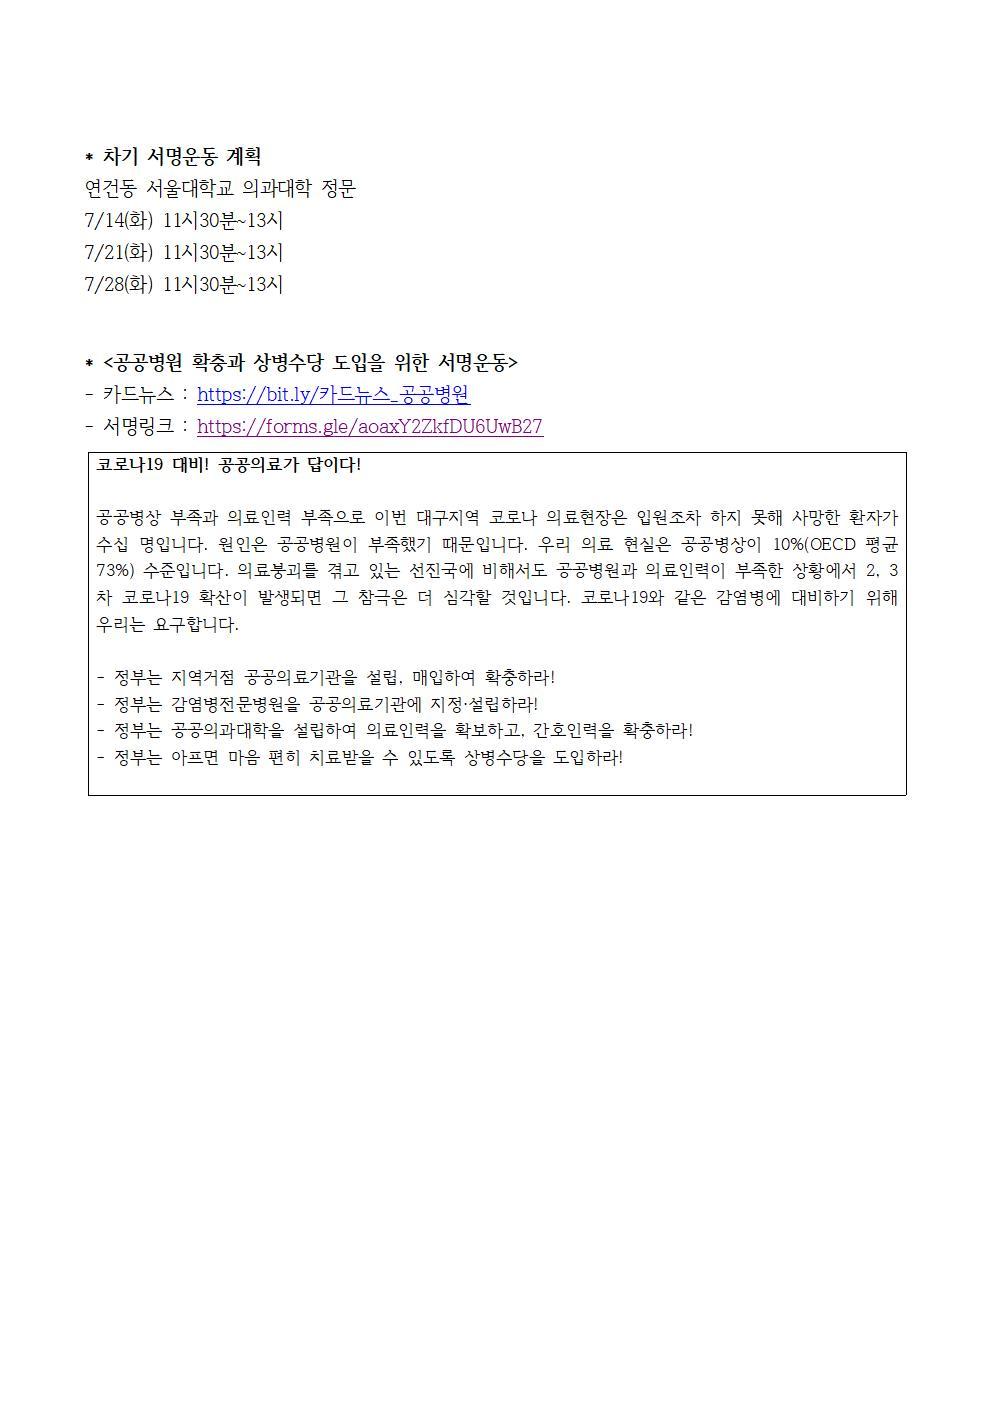 20200707보도자료_서울대병원 앞에서 공공병원과 인력 확충을 위한 서명운동 선전전과 캠페인 시작003.jpg